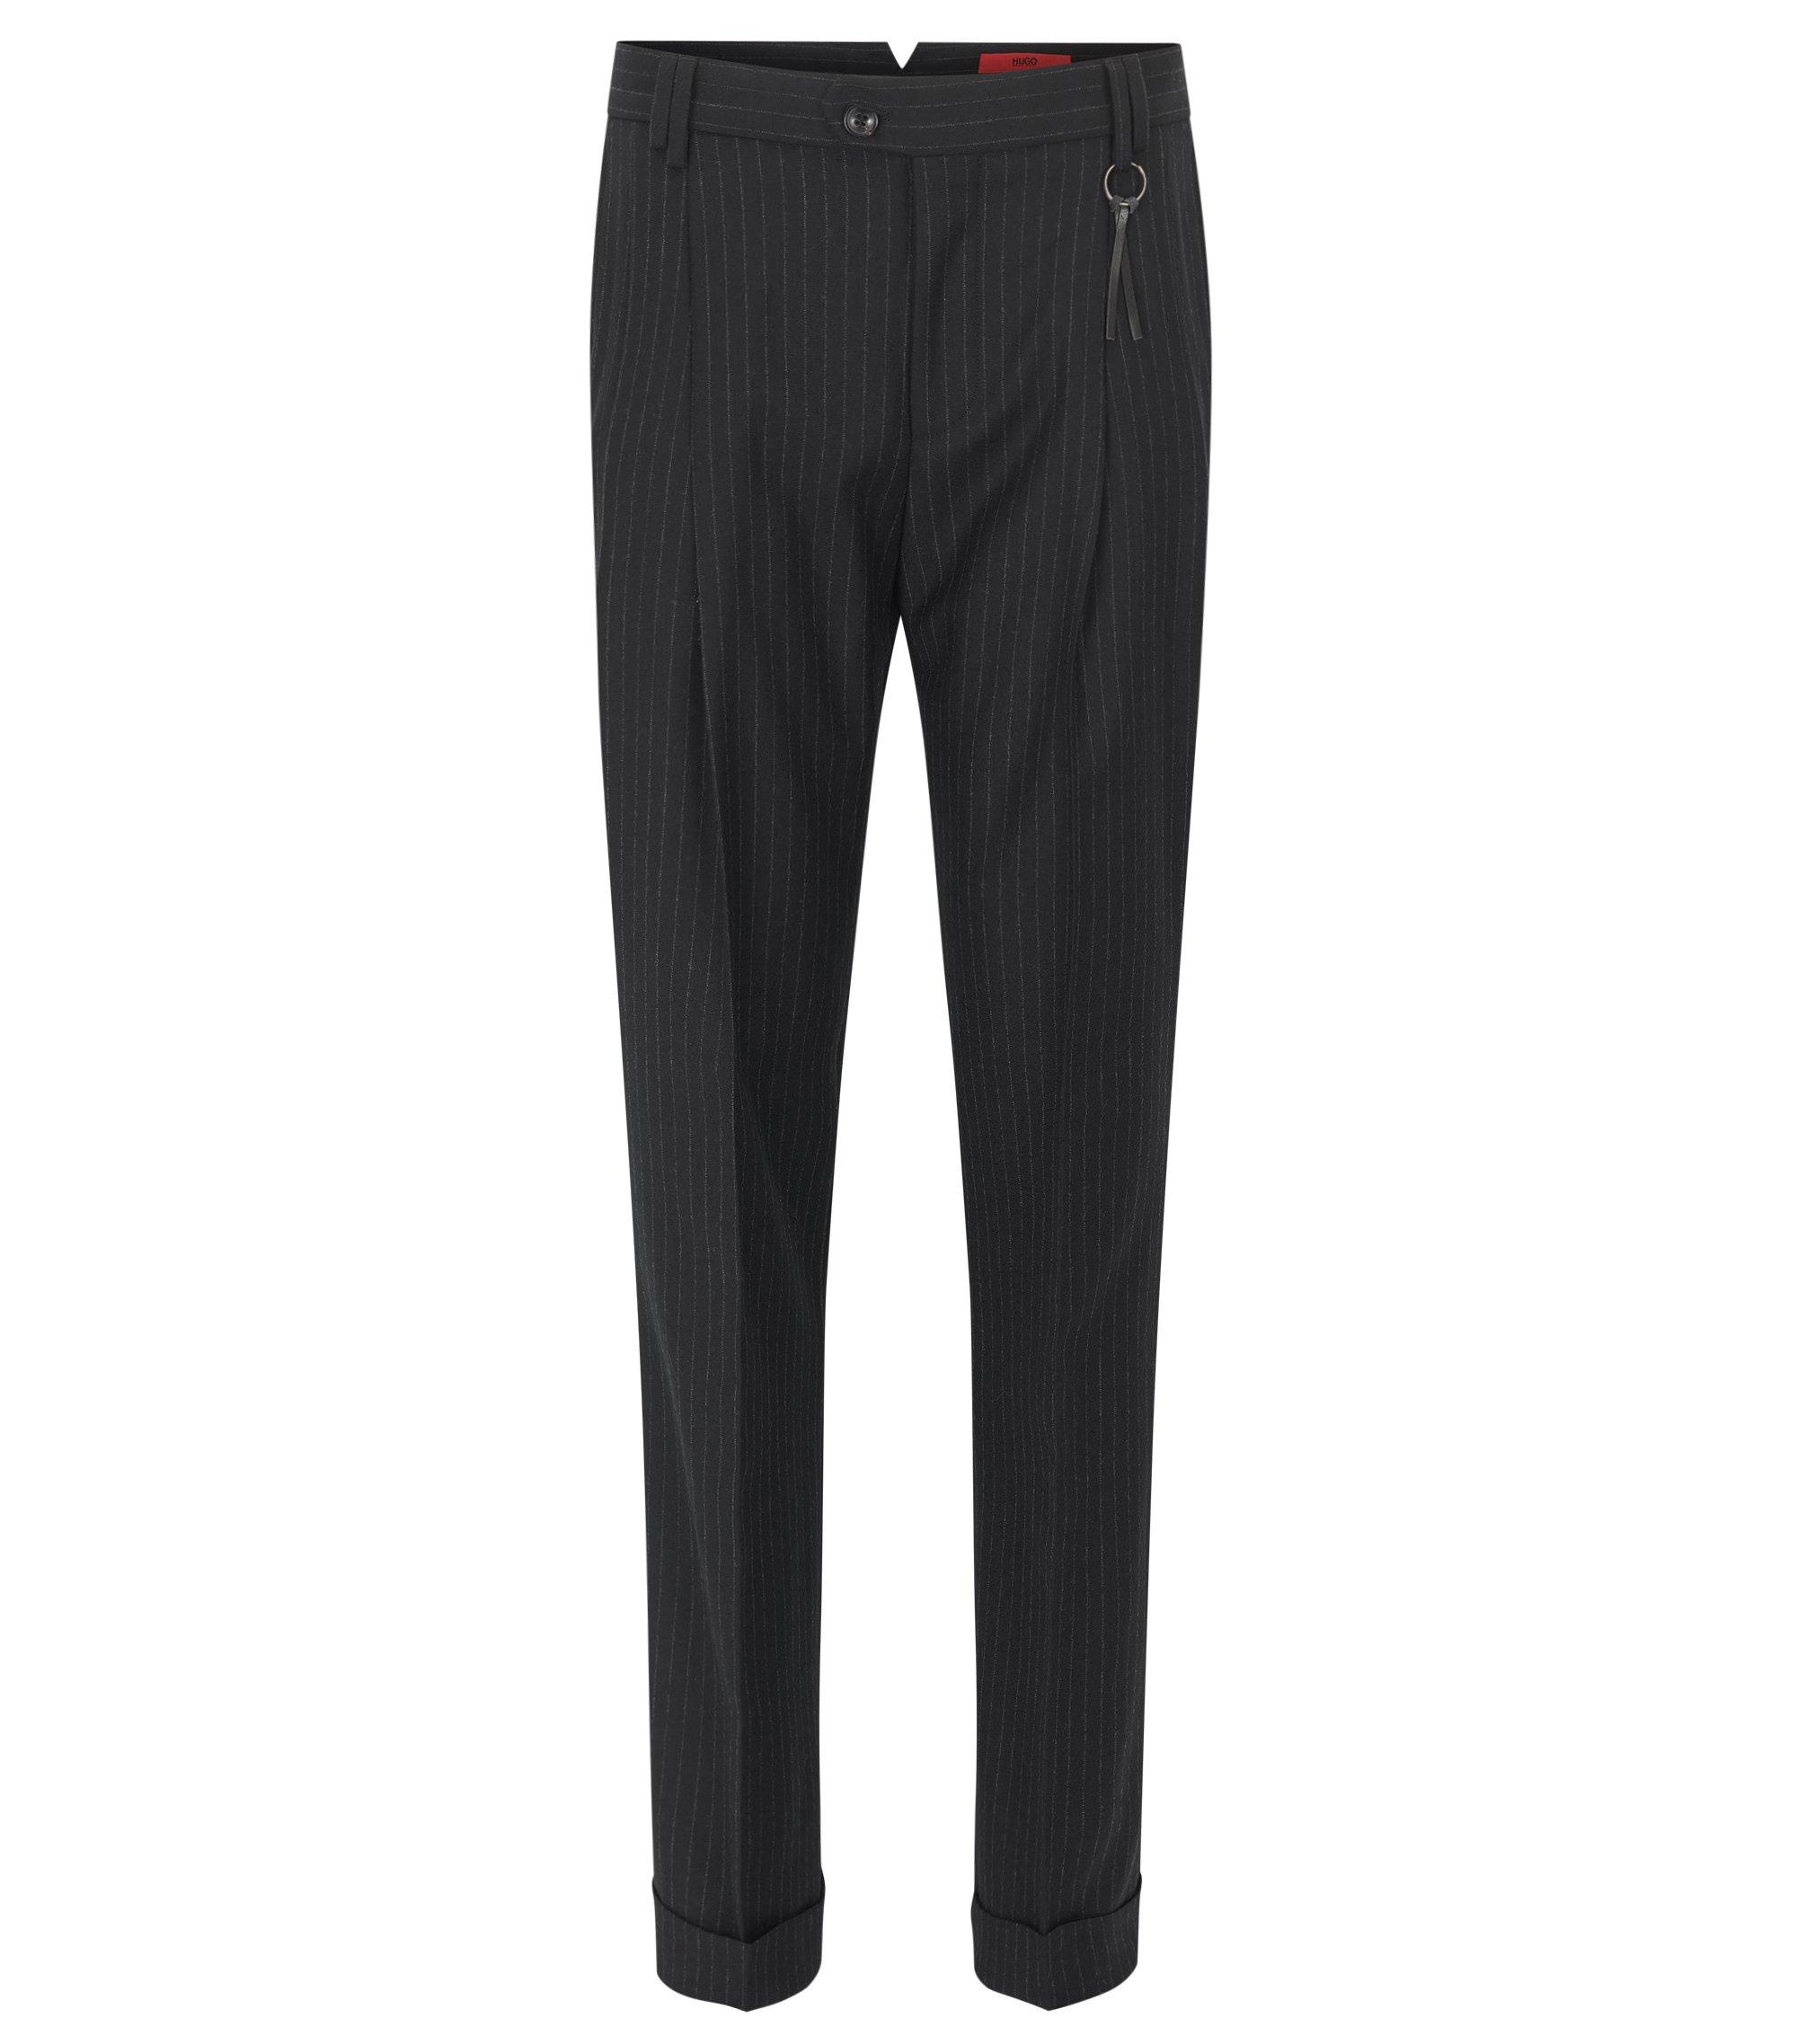 Relaxed-fit pantalon van scheerwol met krijtstrepen, Zwart